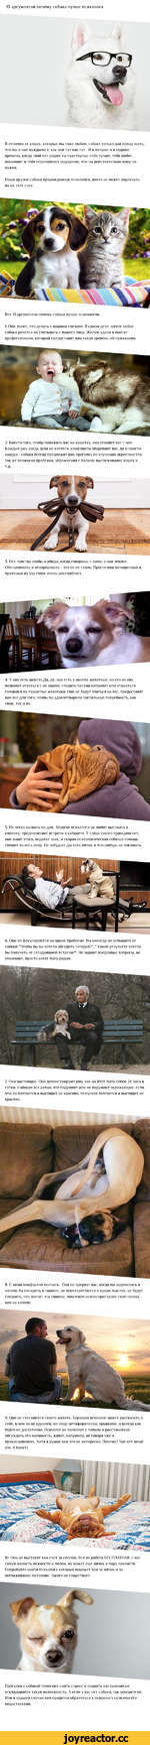 10 аргументов почему собака лучше психолога В отличии от кошек, которых мы тоже любим, собаке только дай повод знать, что мы в них нуждаемся, как они тут как тут. И в лучшие и в худшие времена, когда твой пес рядом ты чувствуешь себя лучше, тебя любят, понимают и тебя переполняет ощущение, что ты